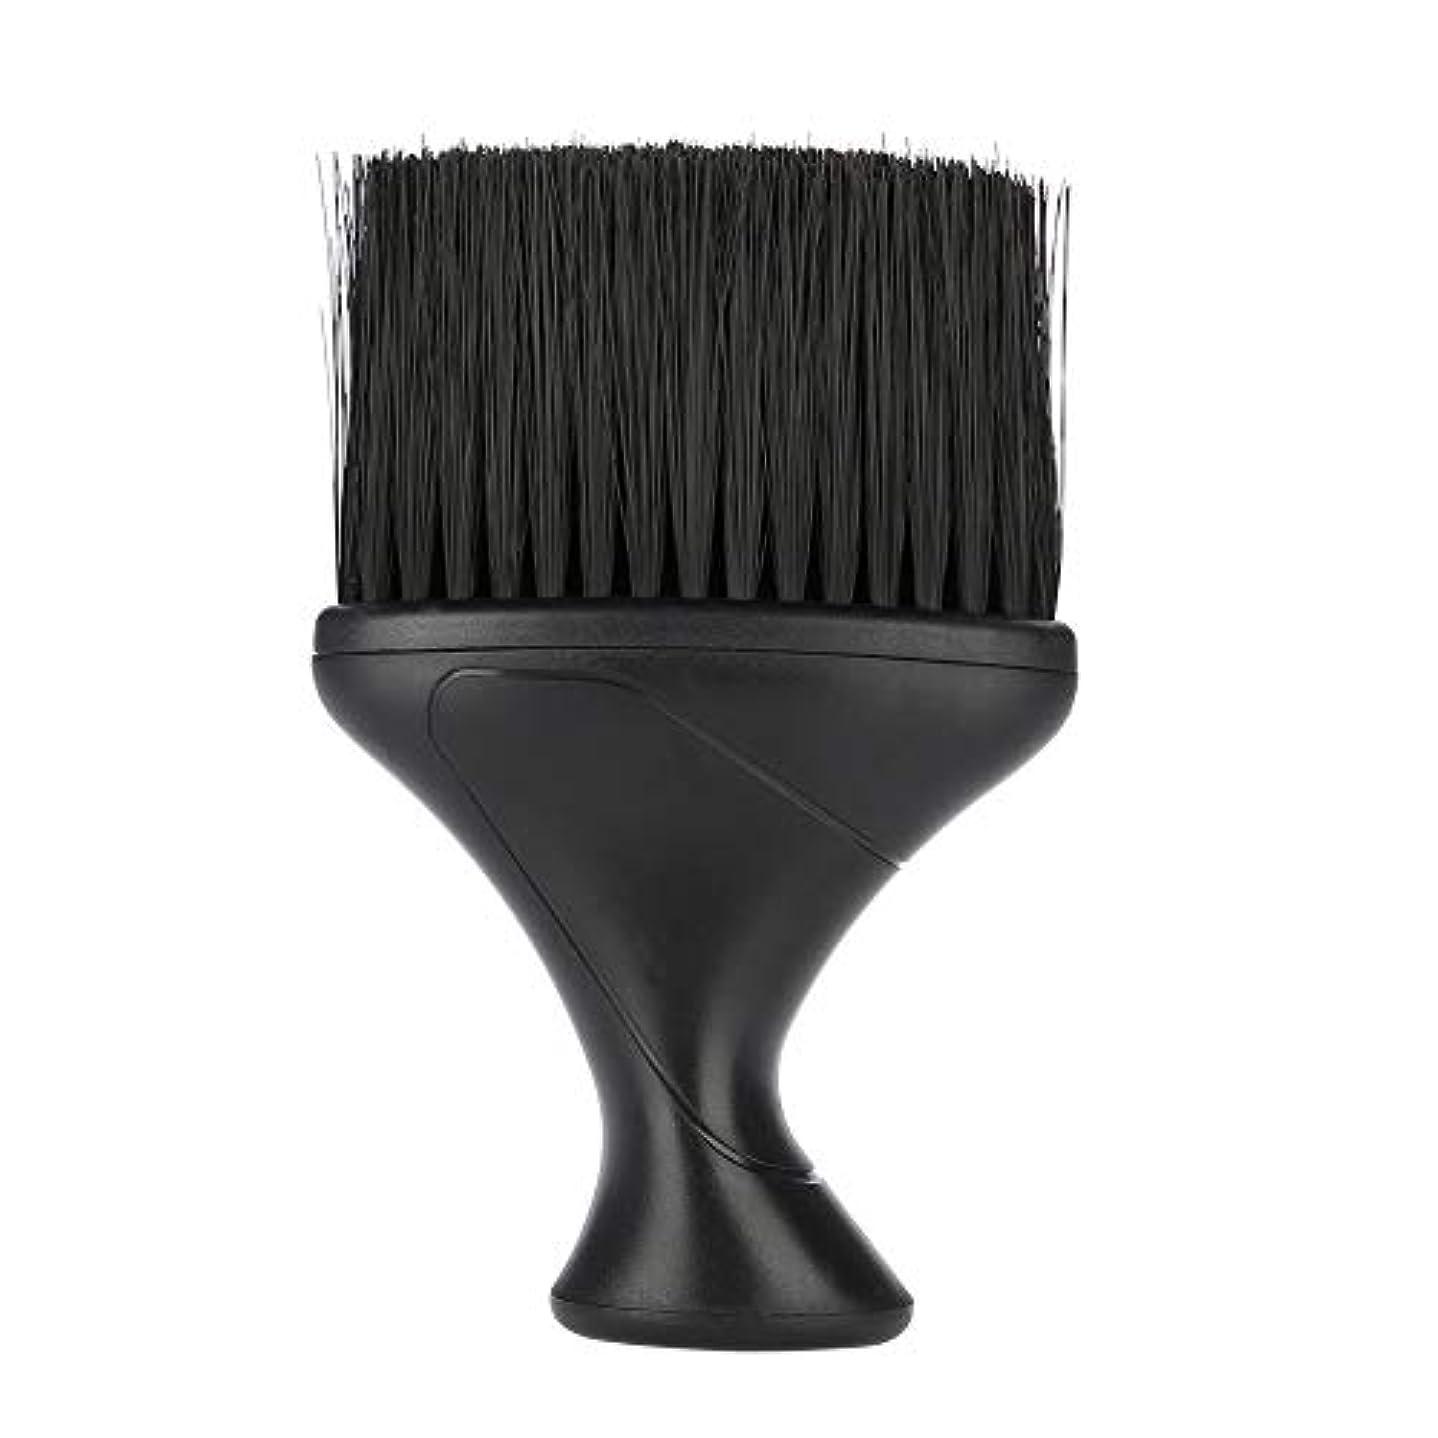 おとなしい下に王室ヘアブラシソフトヘアブラシネックダスター理髪ヘアカットスタイリングクリーニングブラシ